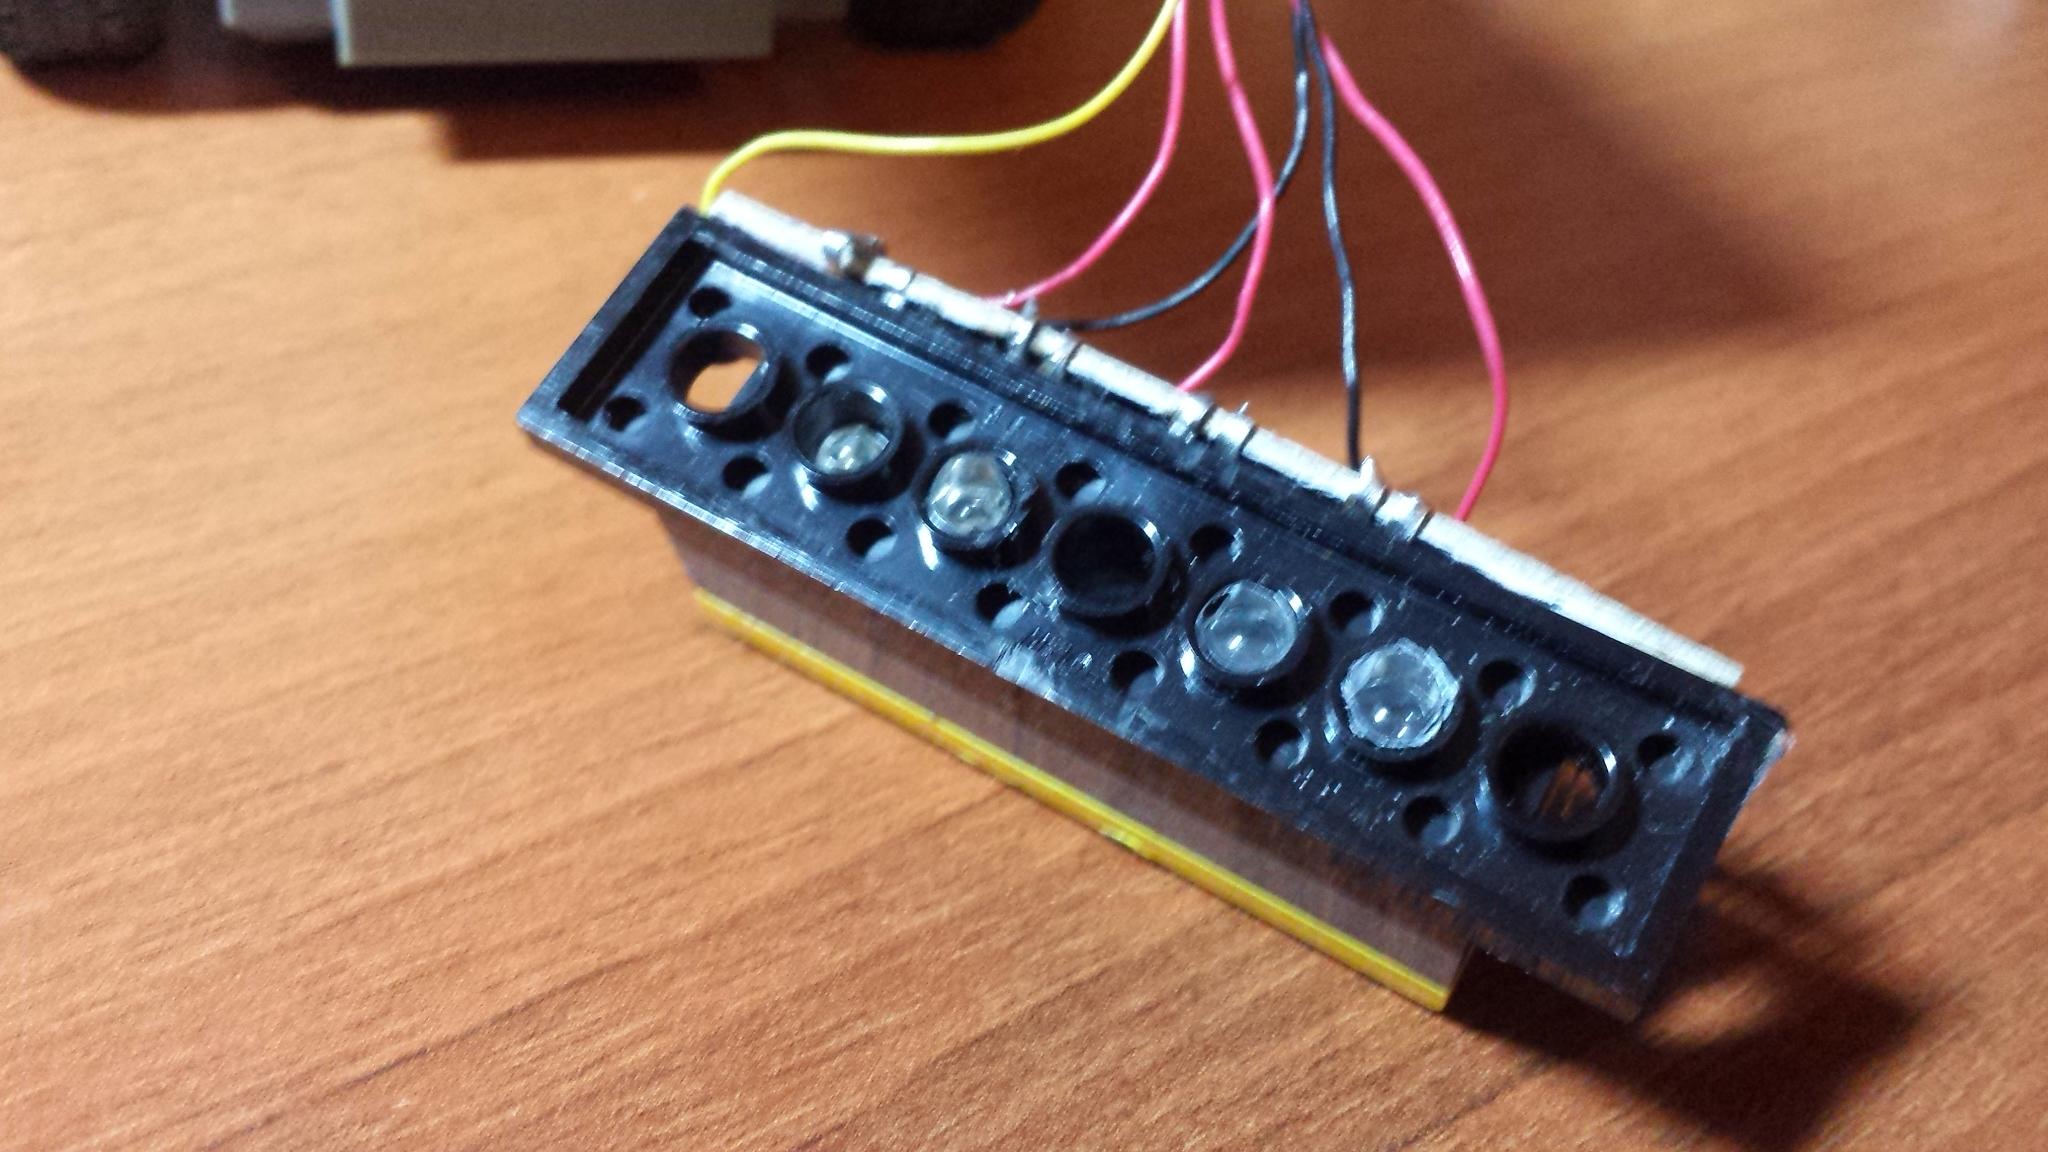 Система дистанционного управления Р/У моделей: типы, датчики, мощность